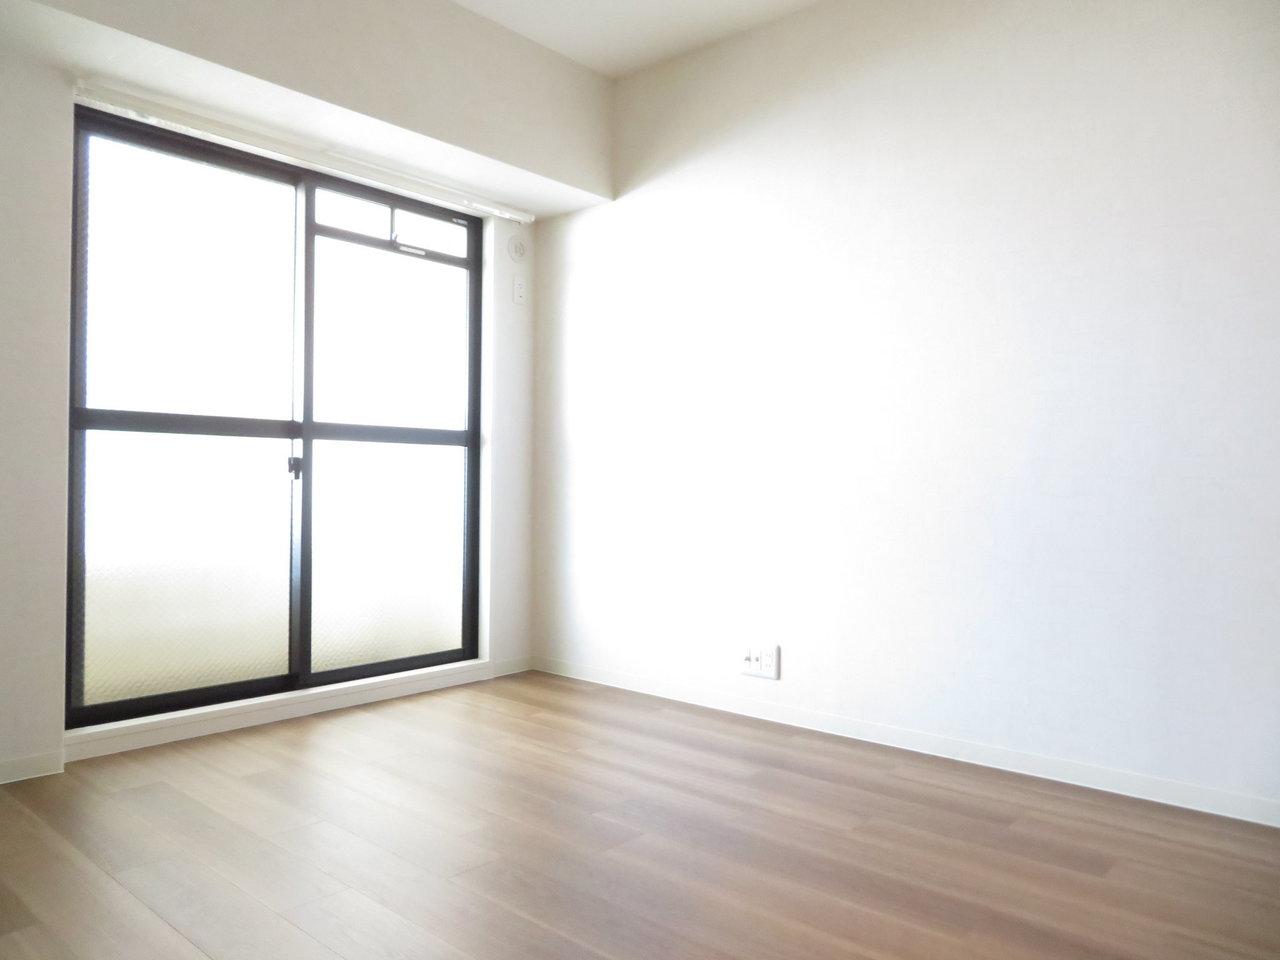 リビングのほかに3室ある洋室は、4.5畳~6畳の広さ。お子様がいても、それぞれ十分な個室を与えてあげられるのはうれしいですね。